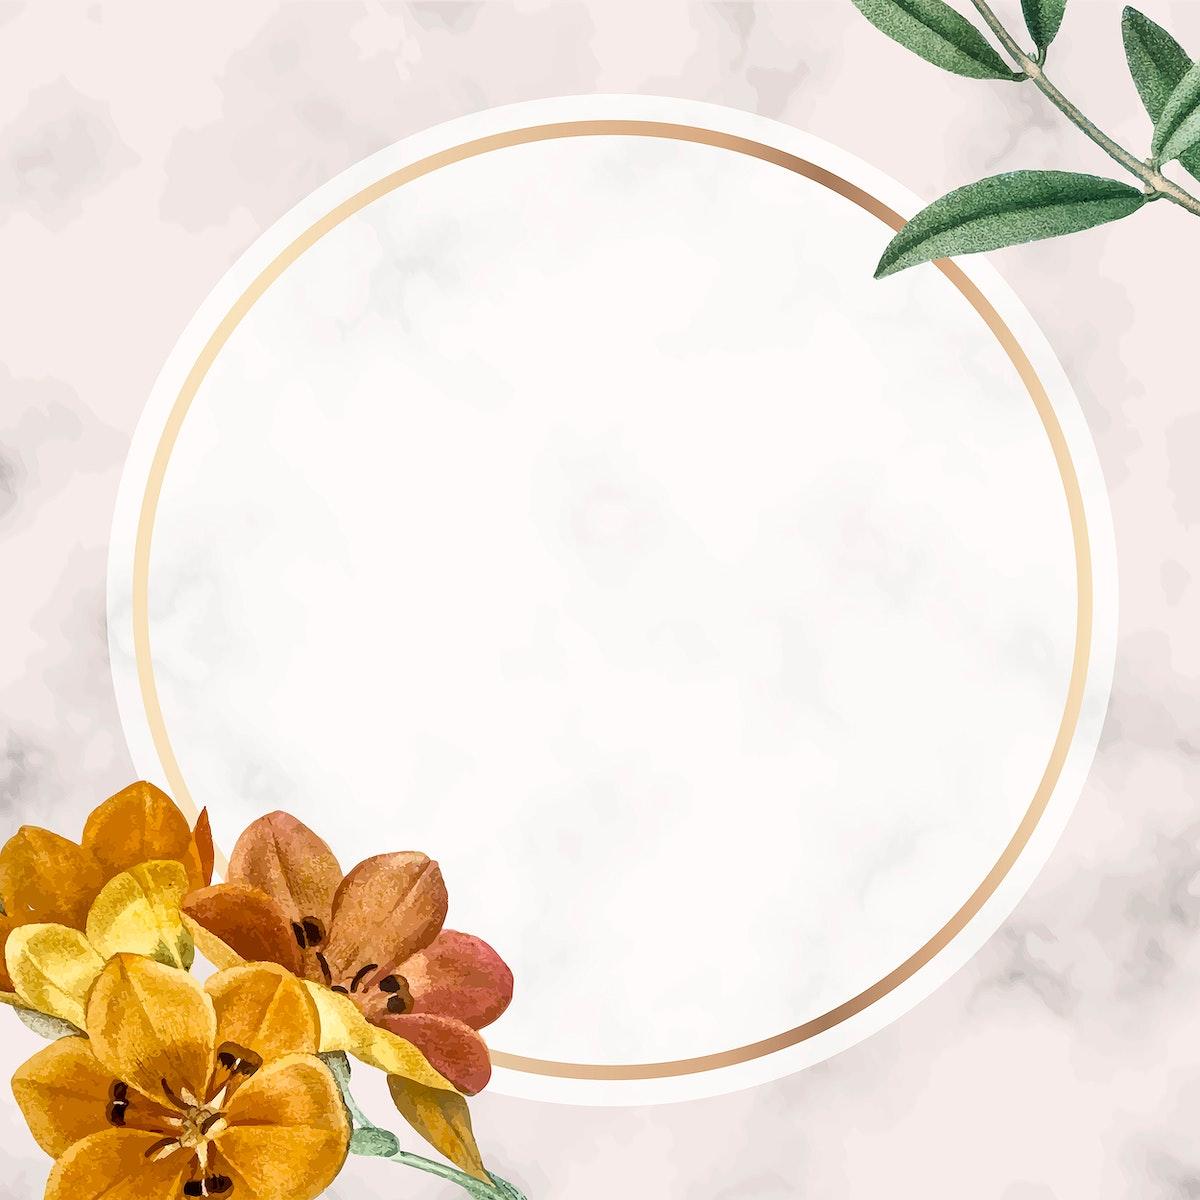 Round golden floral frame design vector